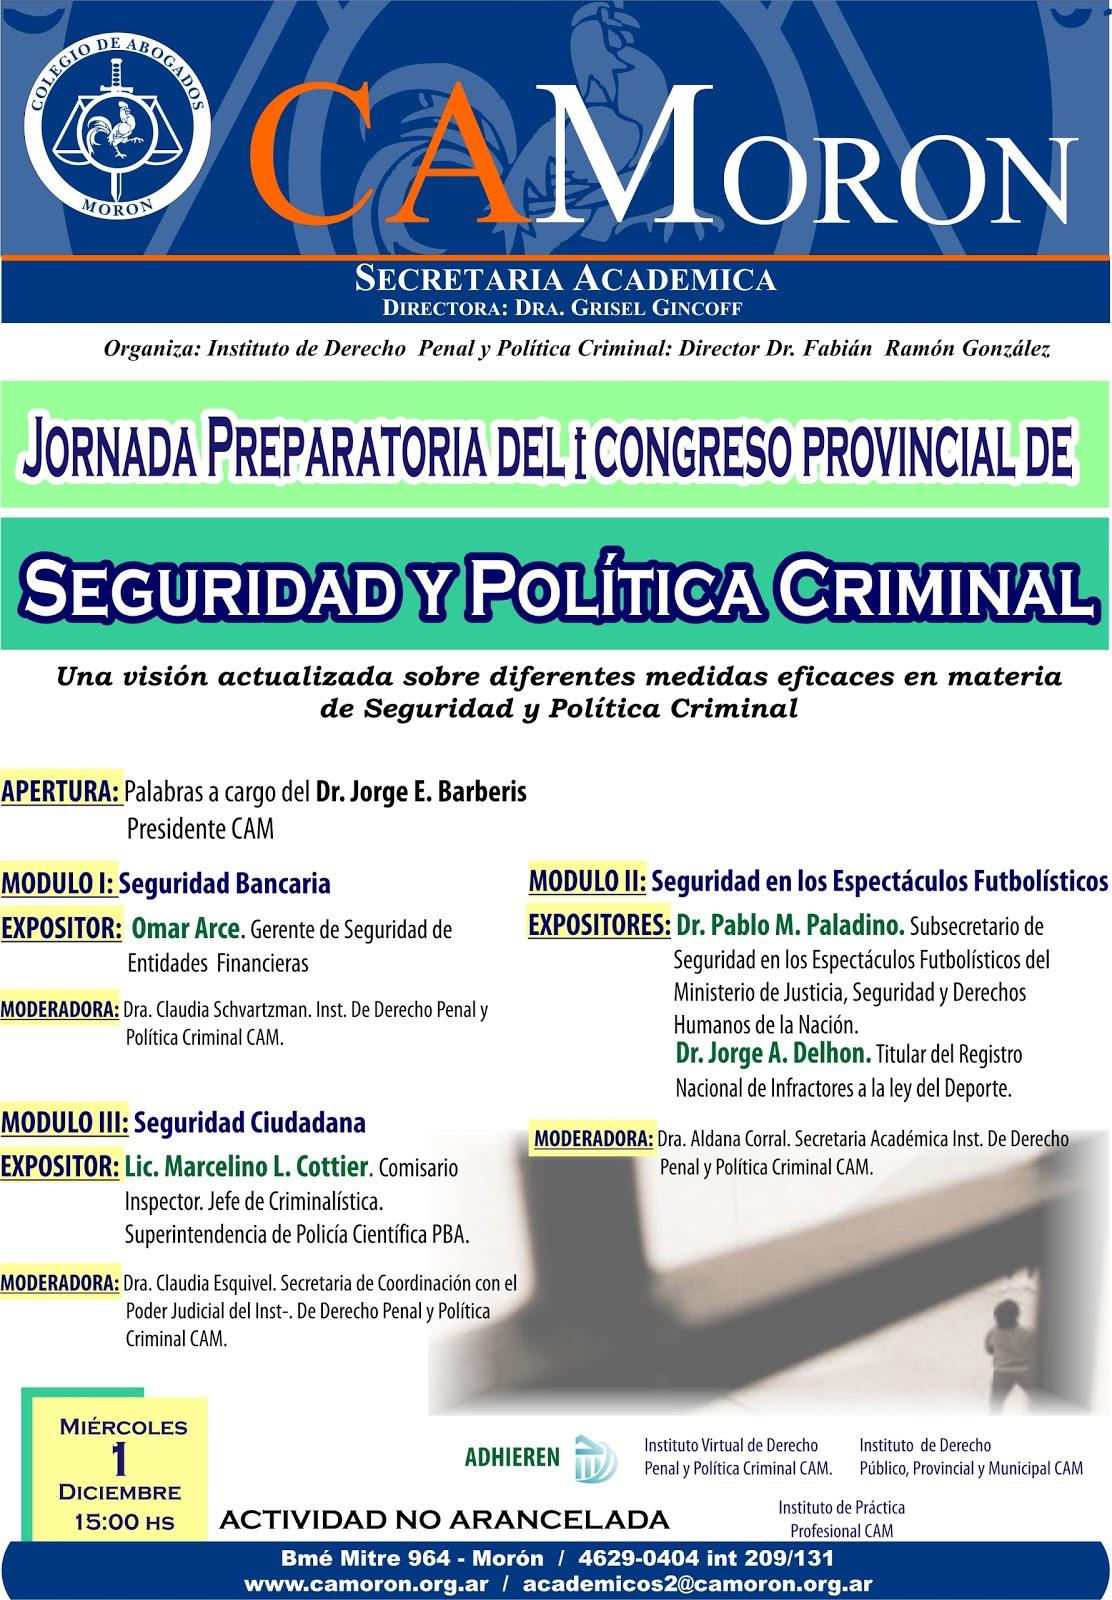 Instituto virtual derecho penal y pol tica criminal 1 11 for Pagina de ministerio de seguridad